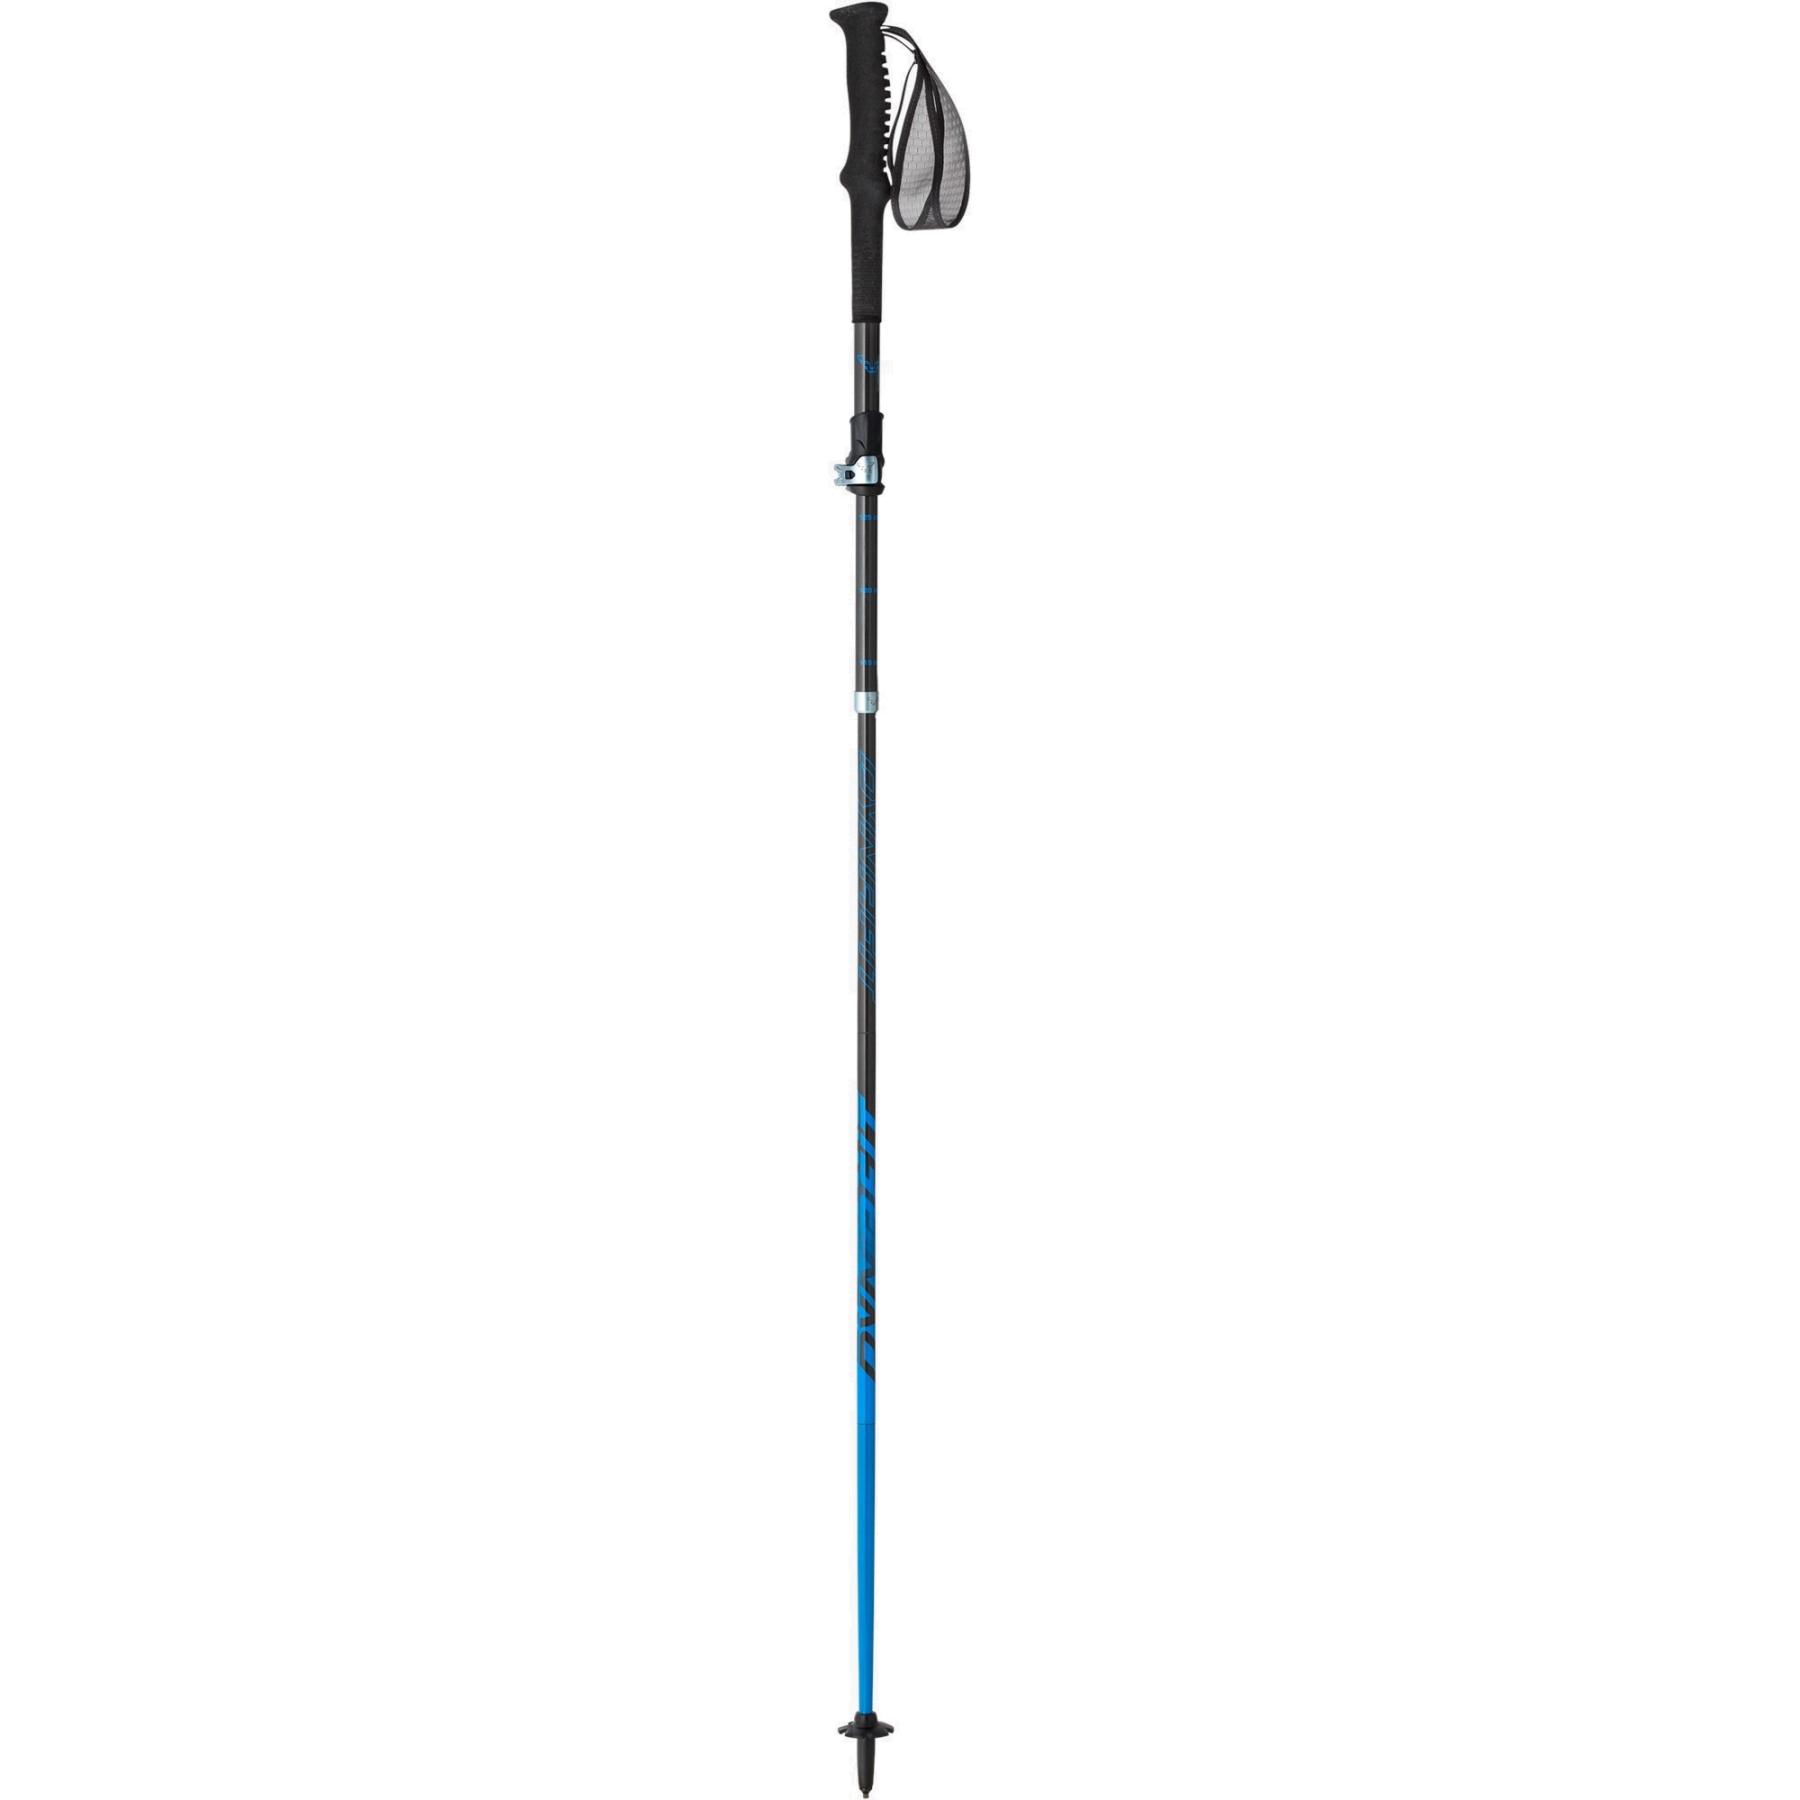 Dynafit Ultra Pro Pole - Carbon/Methyl Blue